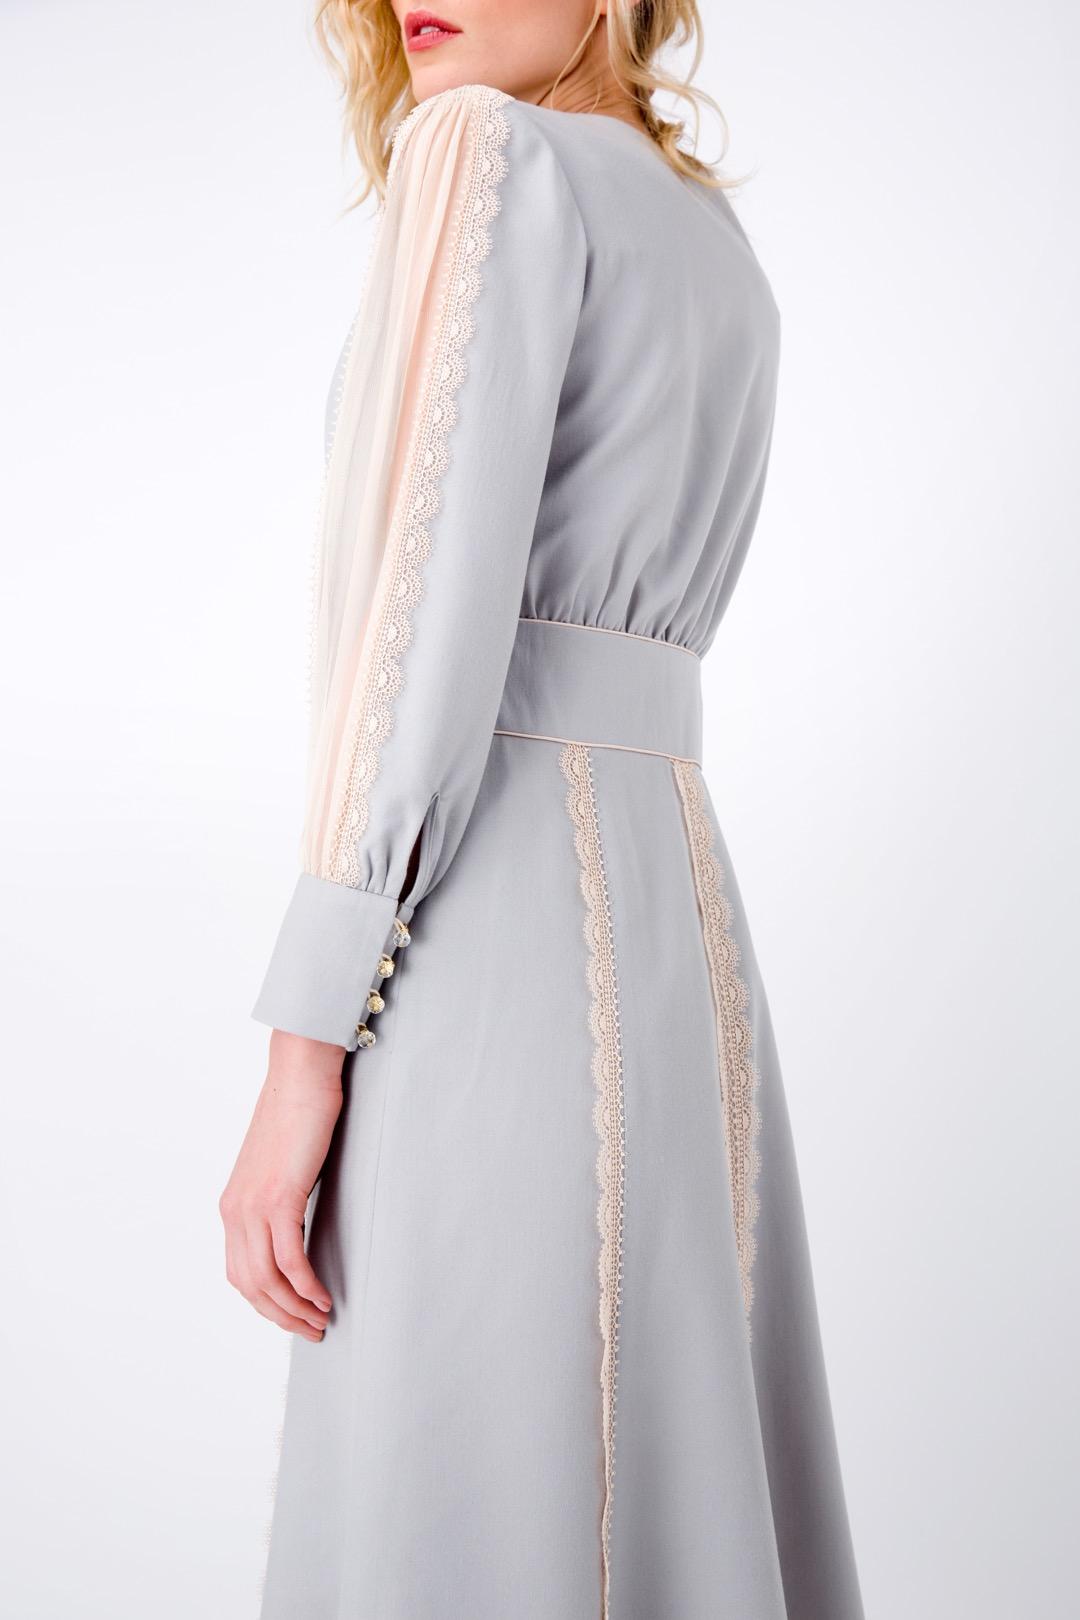 Серо-голубое  платье с V-образным вырезом, декорированное кружевом